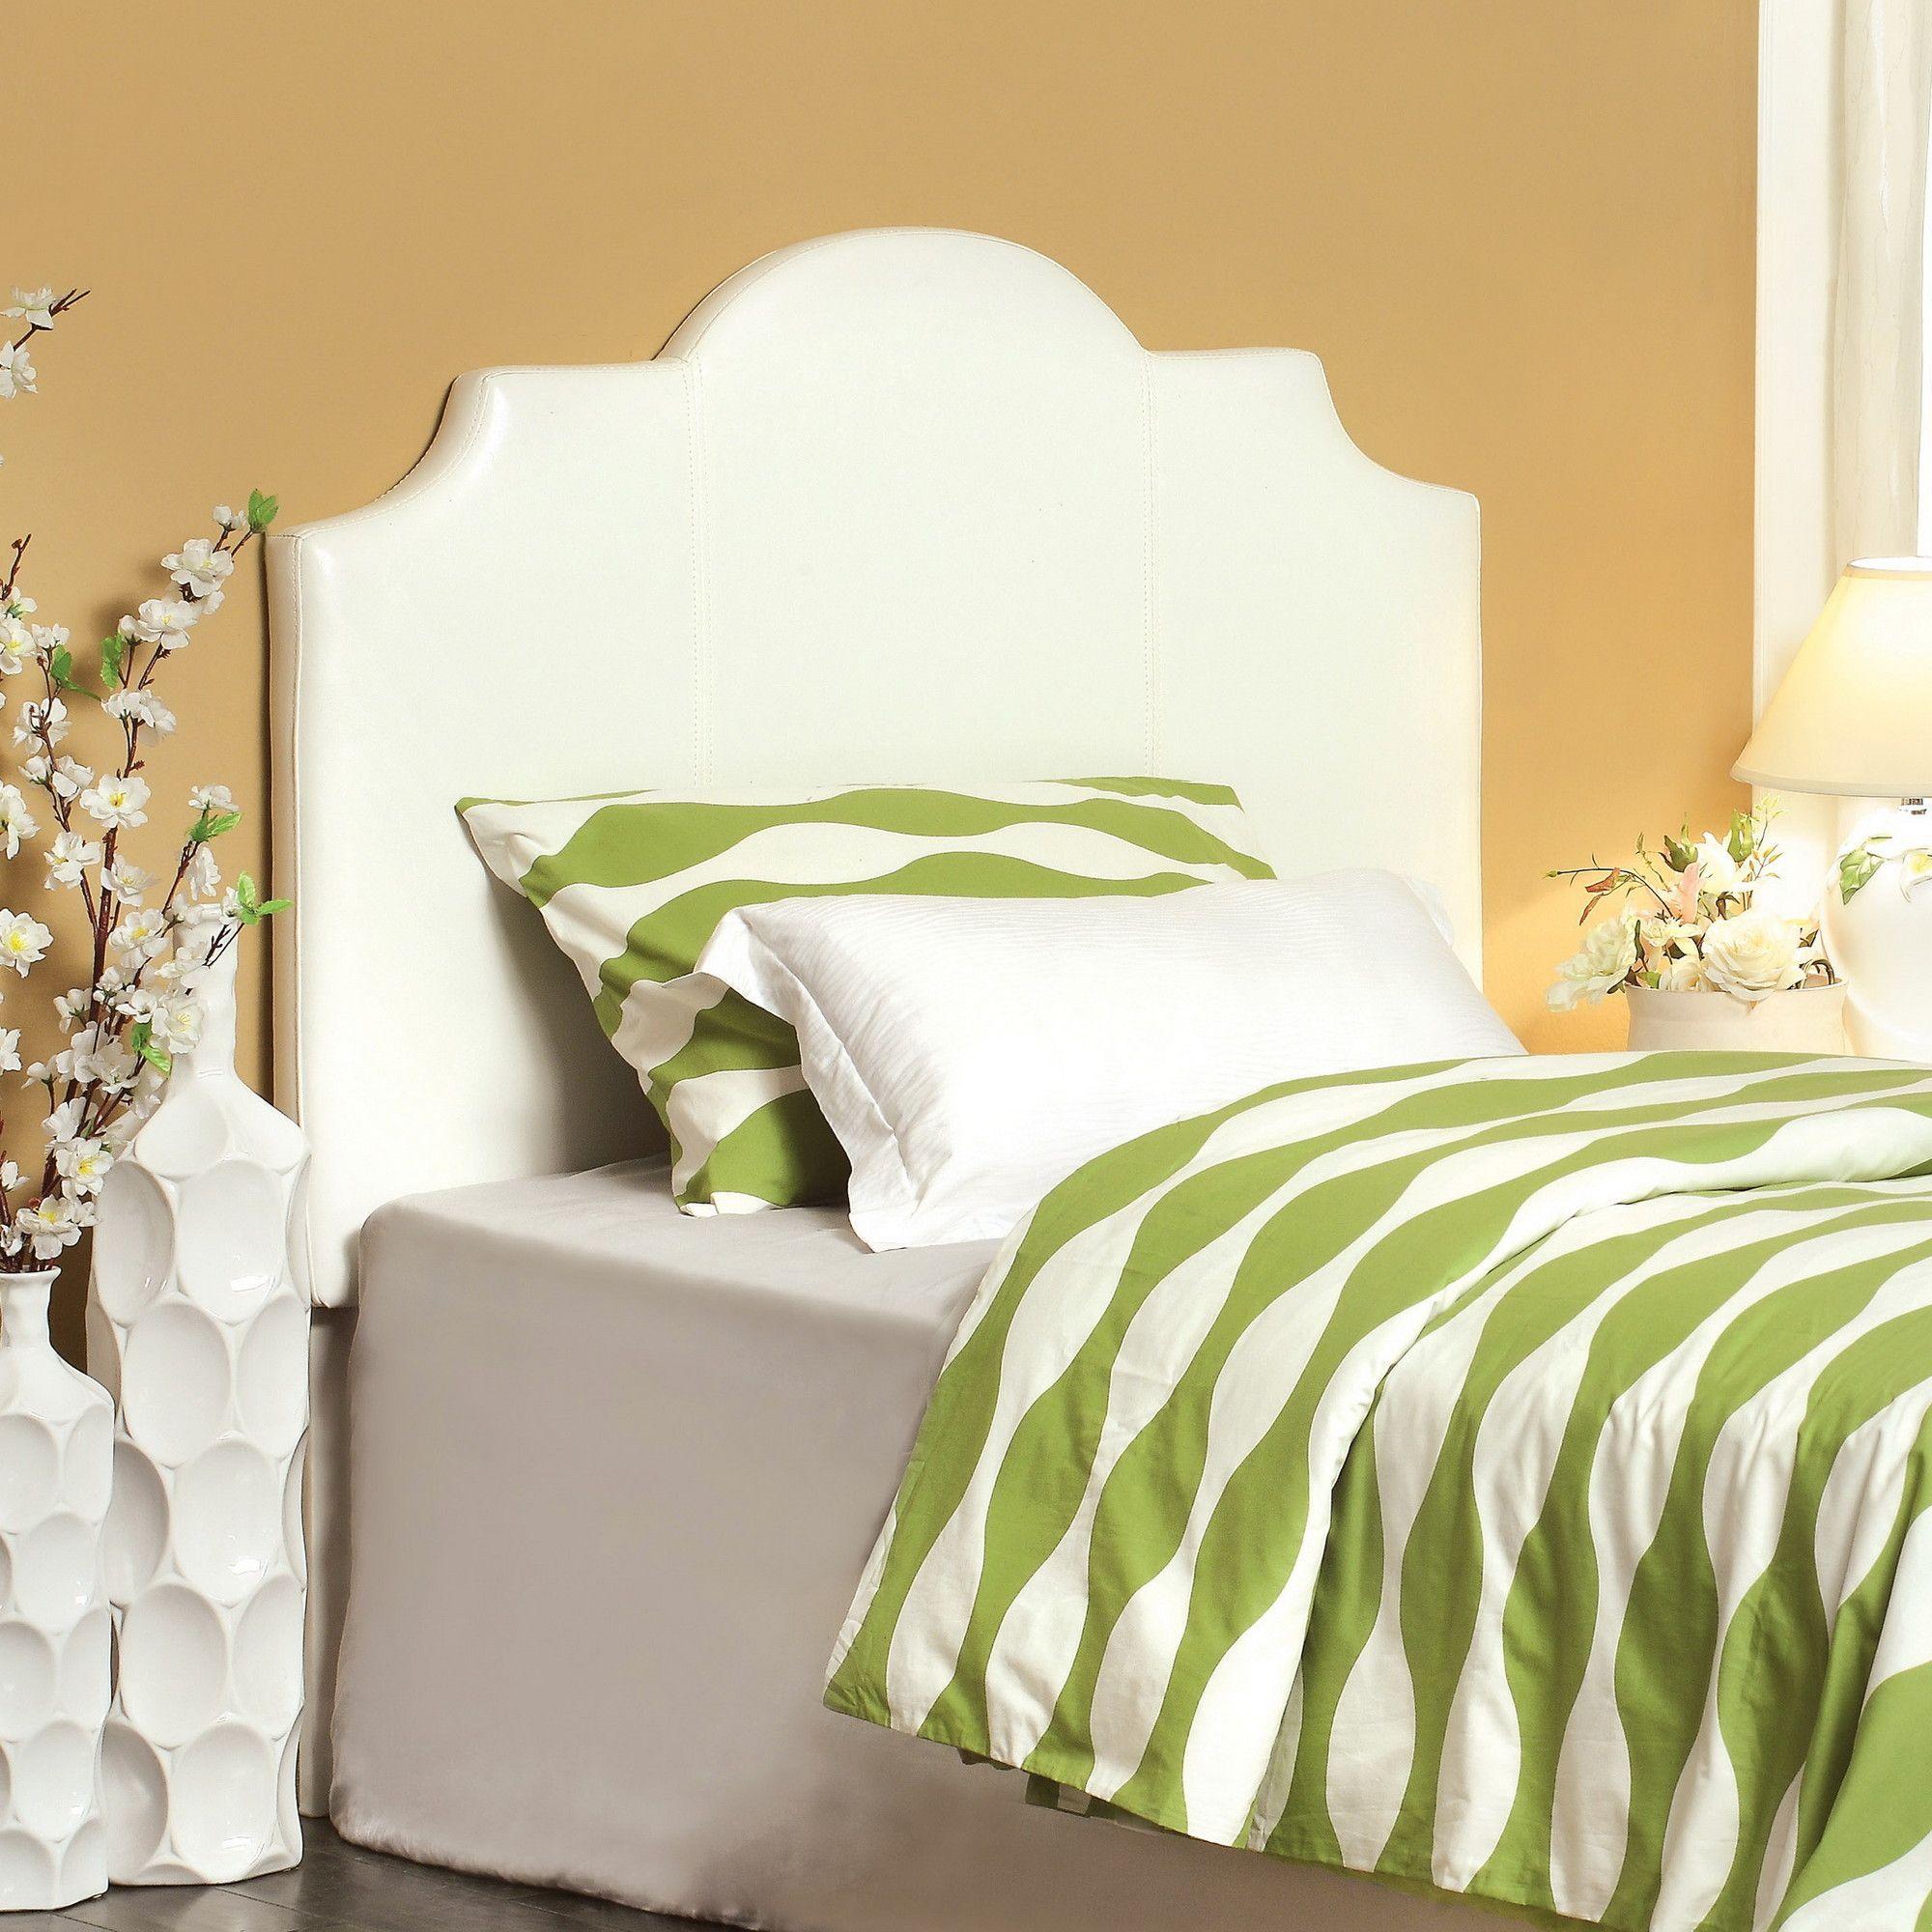 Best Malsi Upholstered Panel Headboard Upholstered Headboard 400 x 300